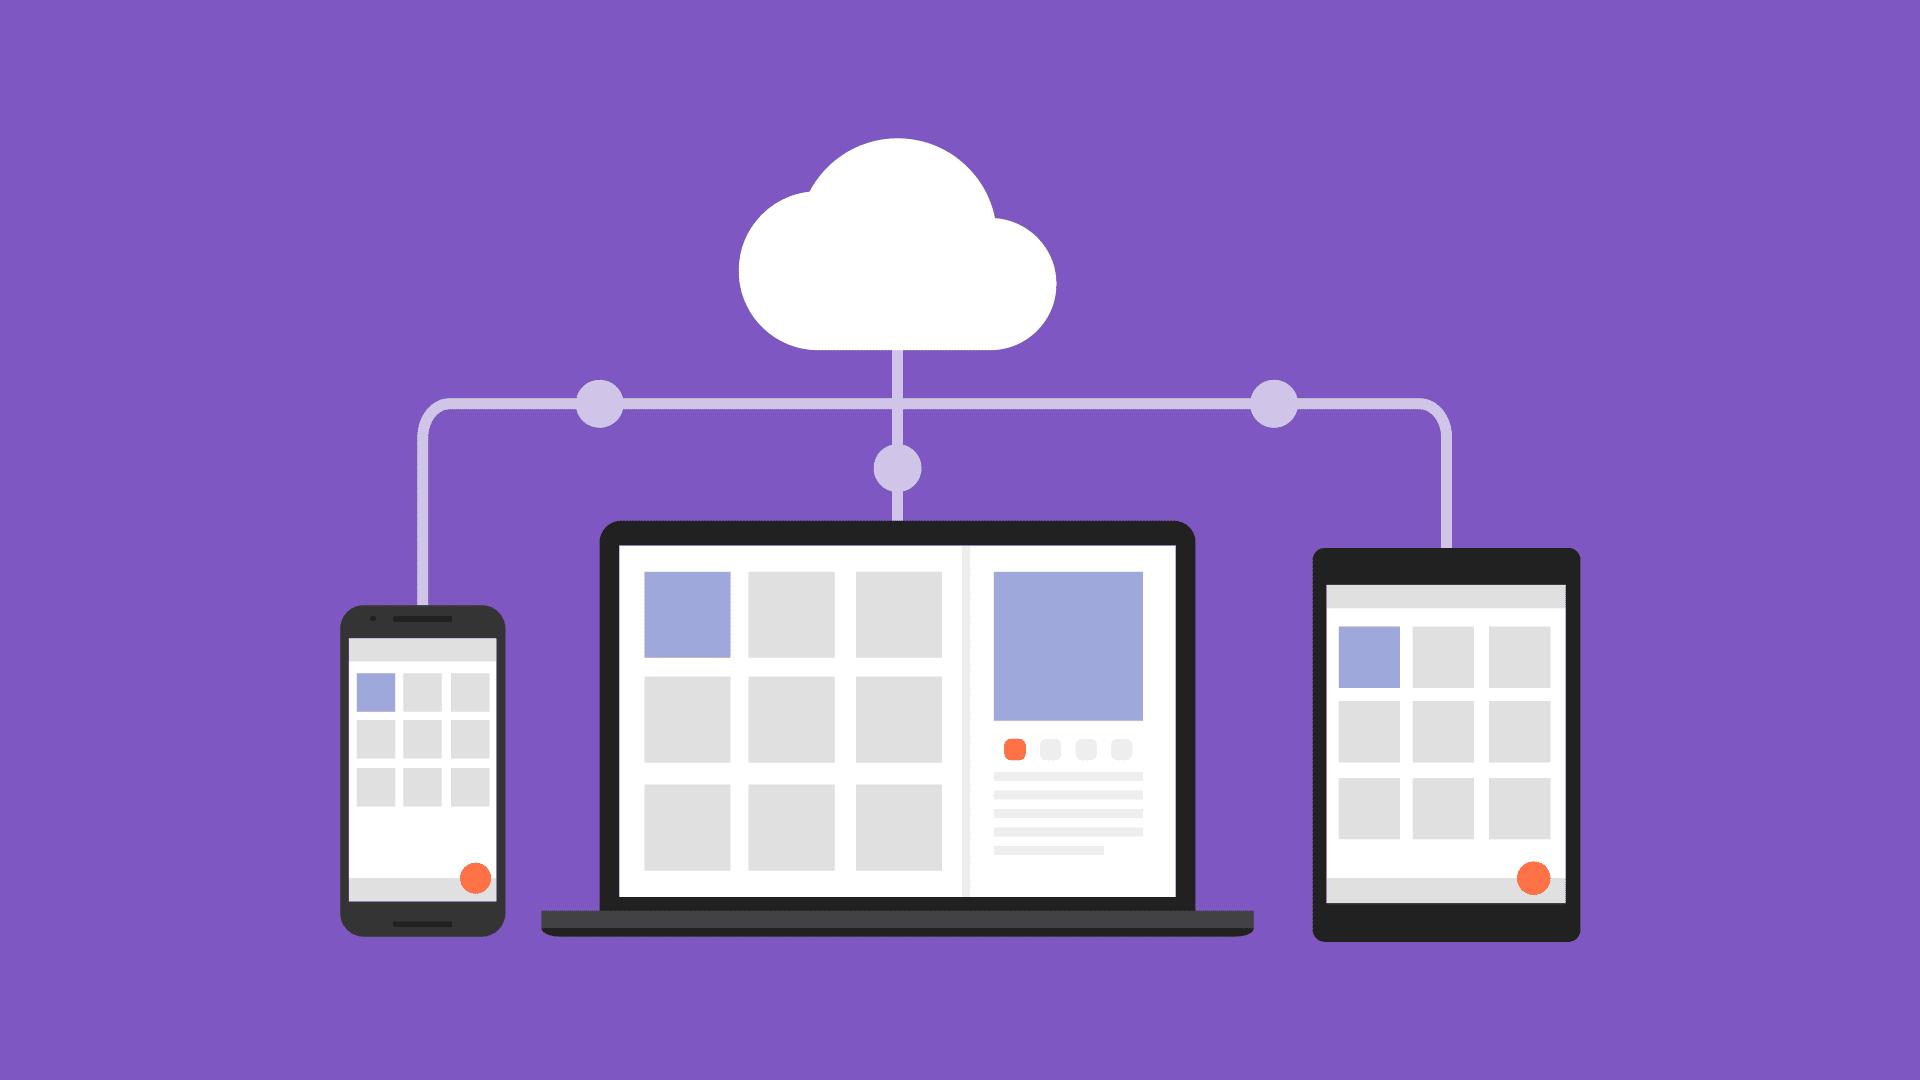 Ilustração de dispositivos móveis e laptops